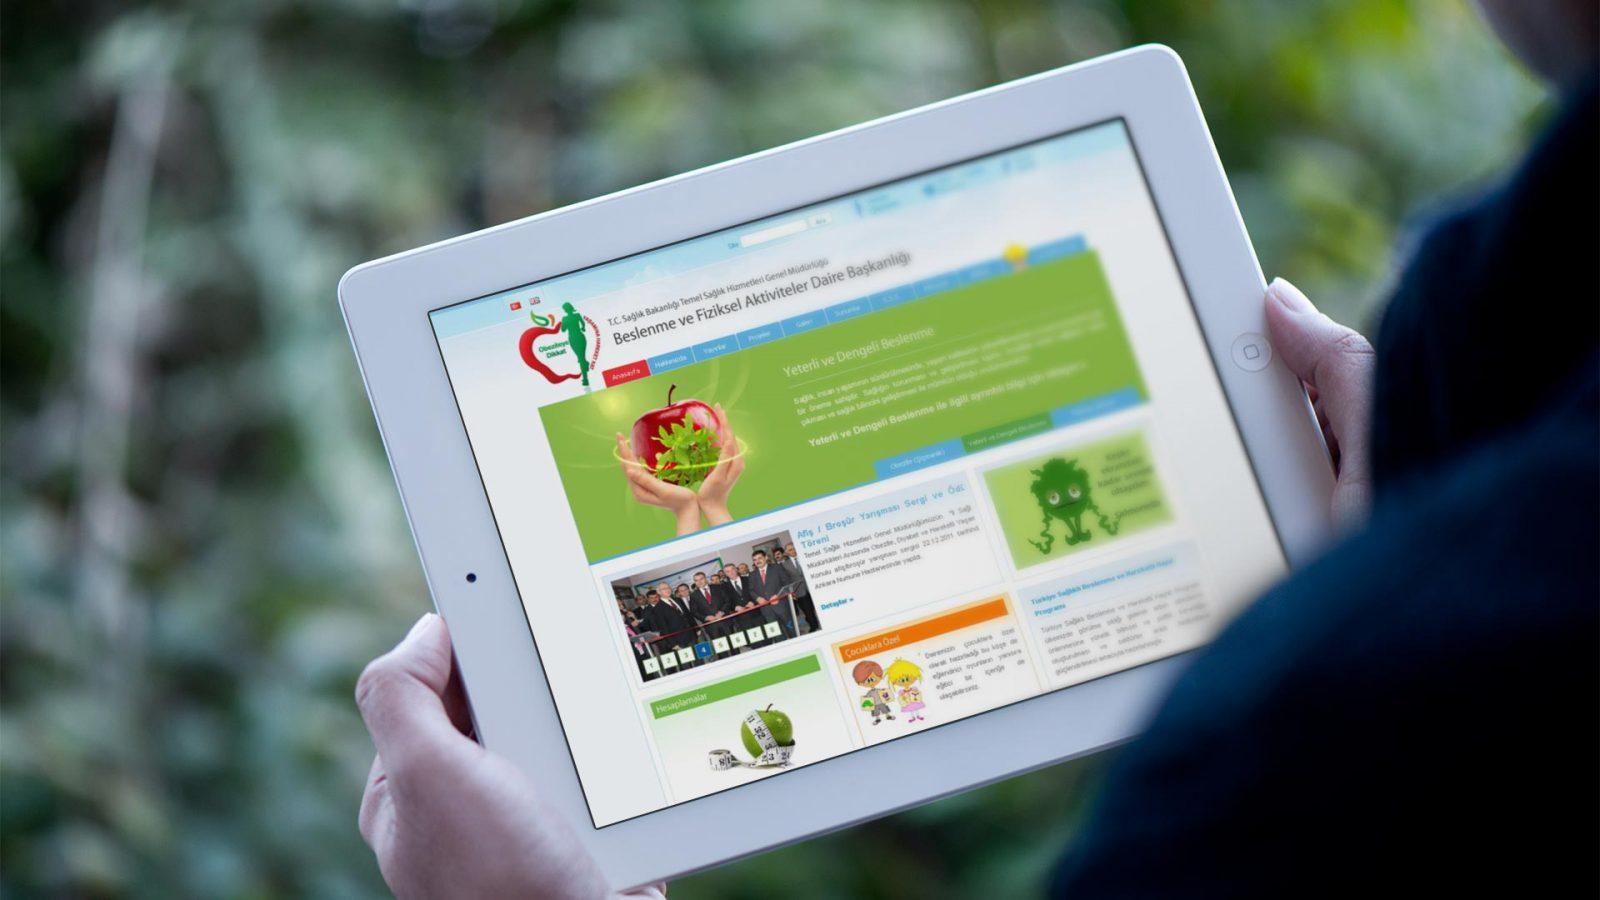 beslenme web sitesi tasarımı 02